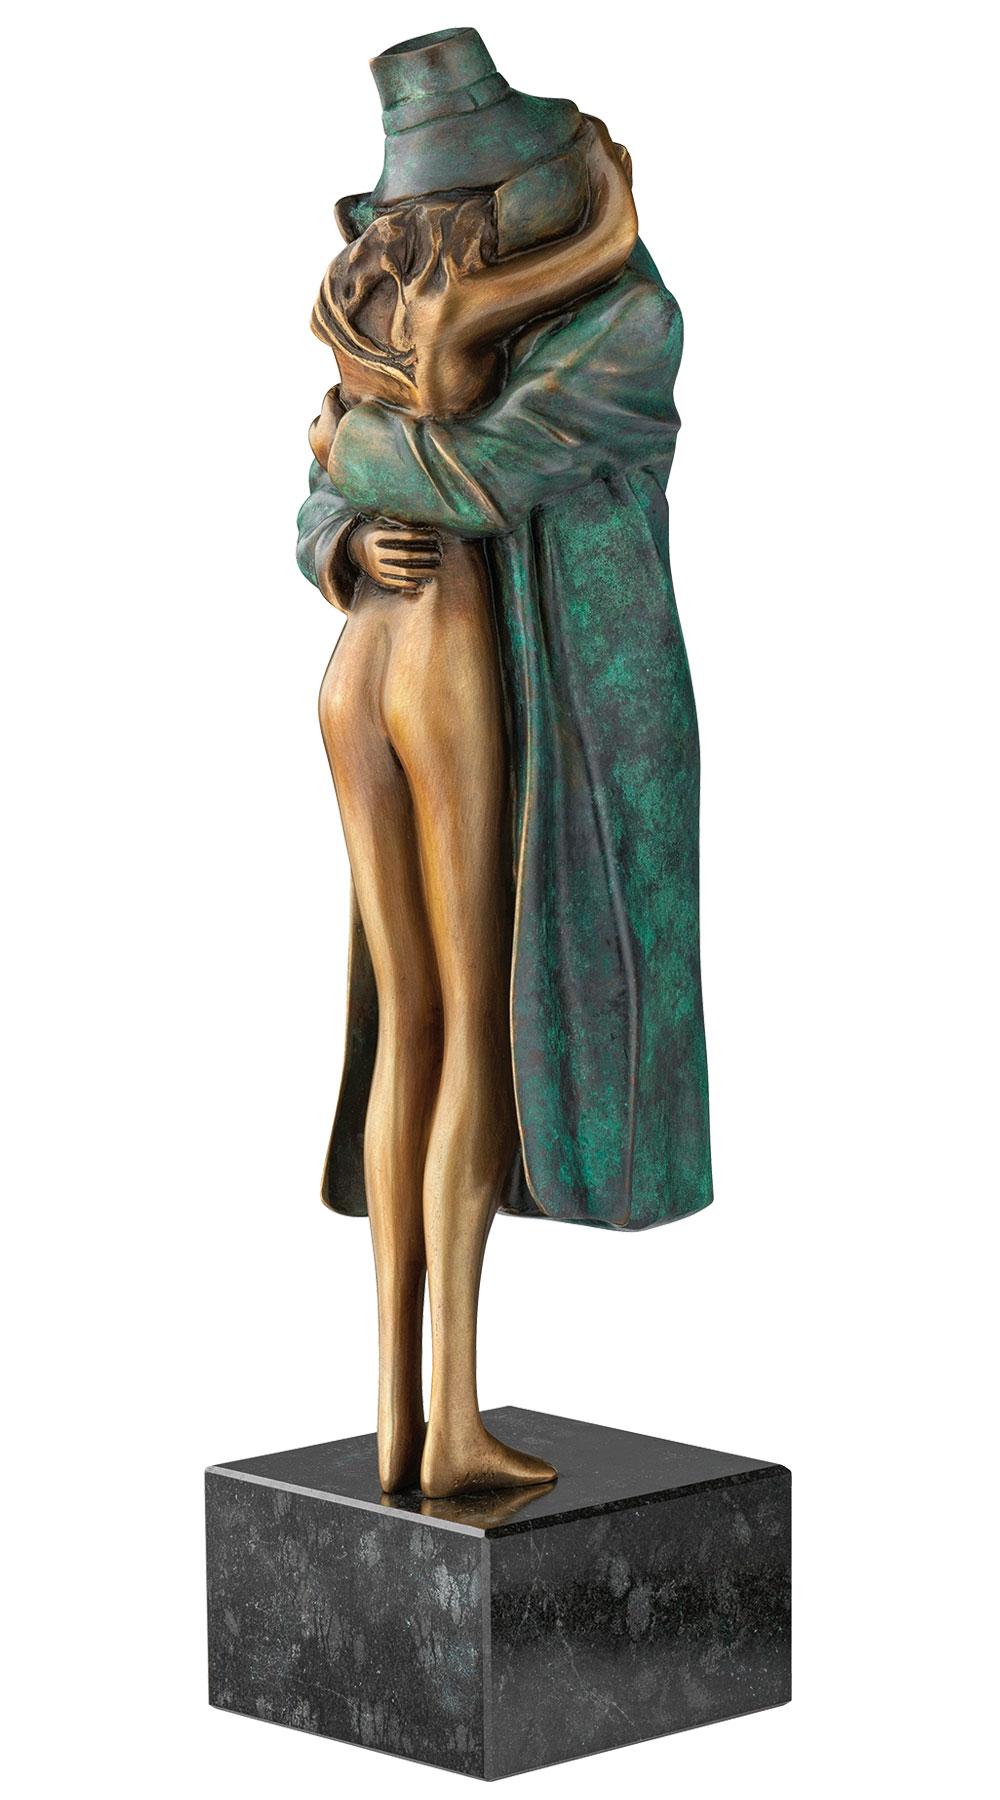 Bruno Bruni: Skulptur 'Amore', Version Bronze grün